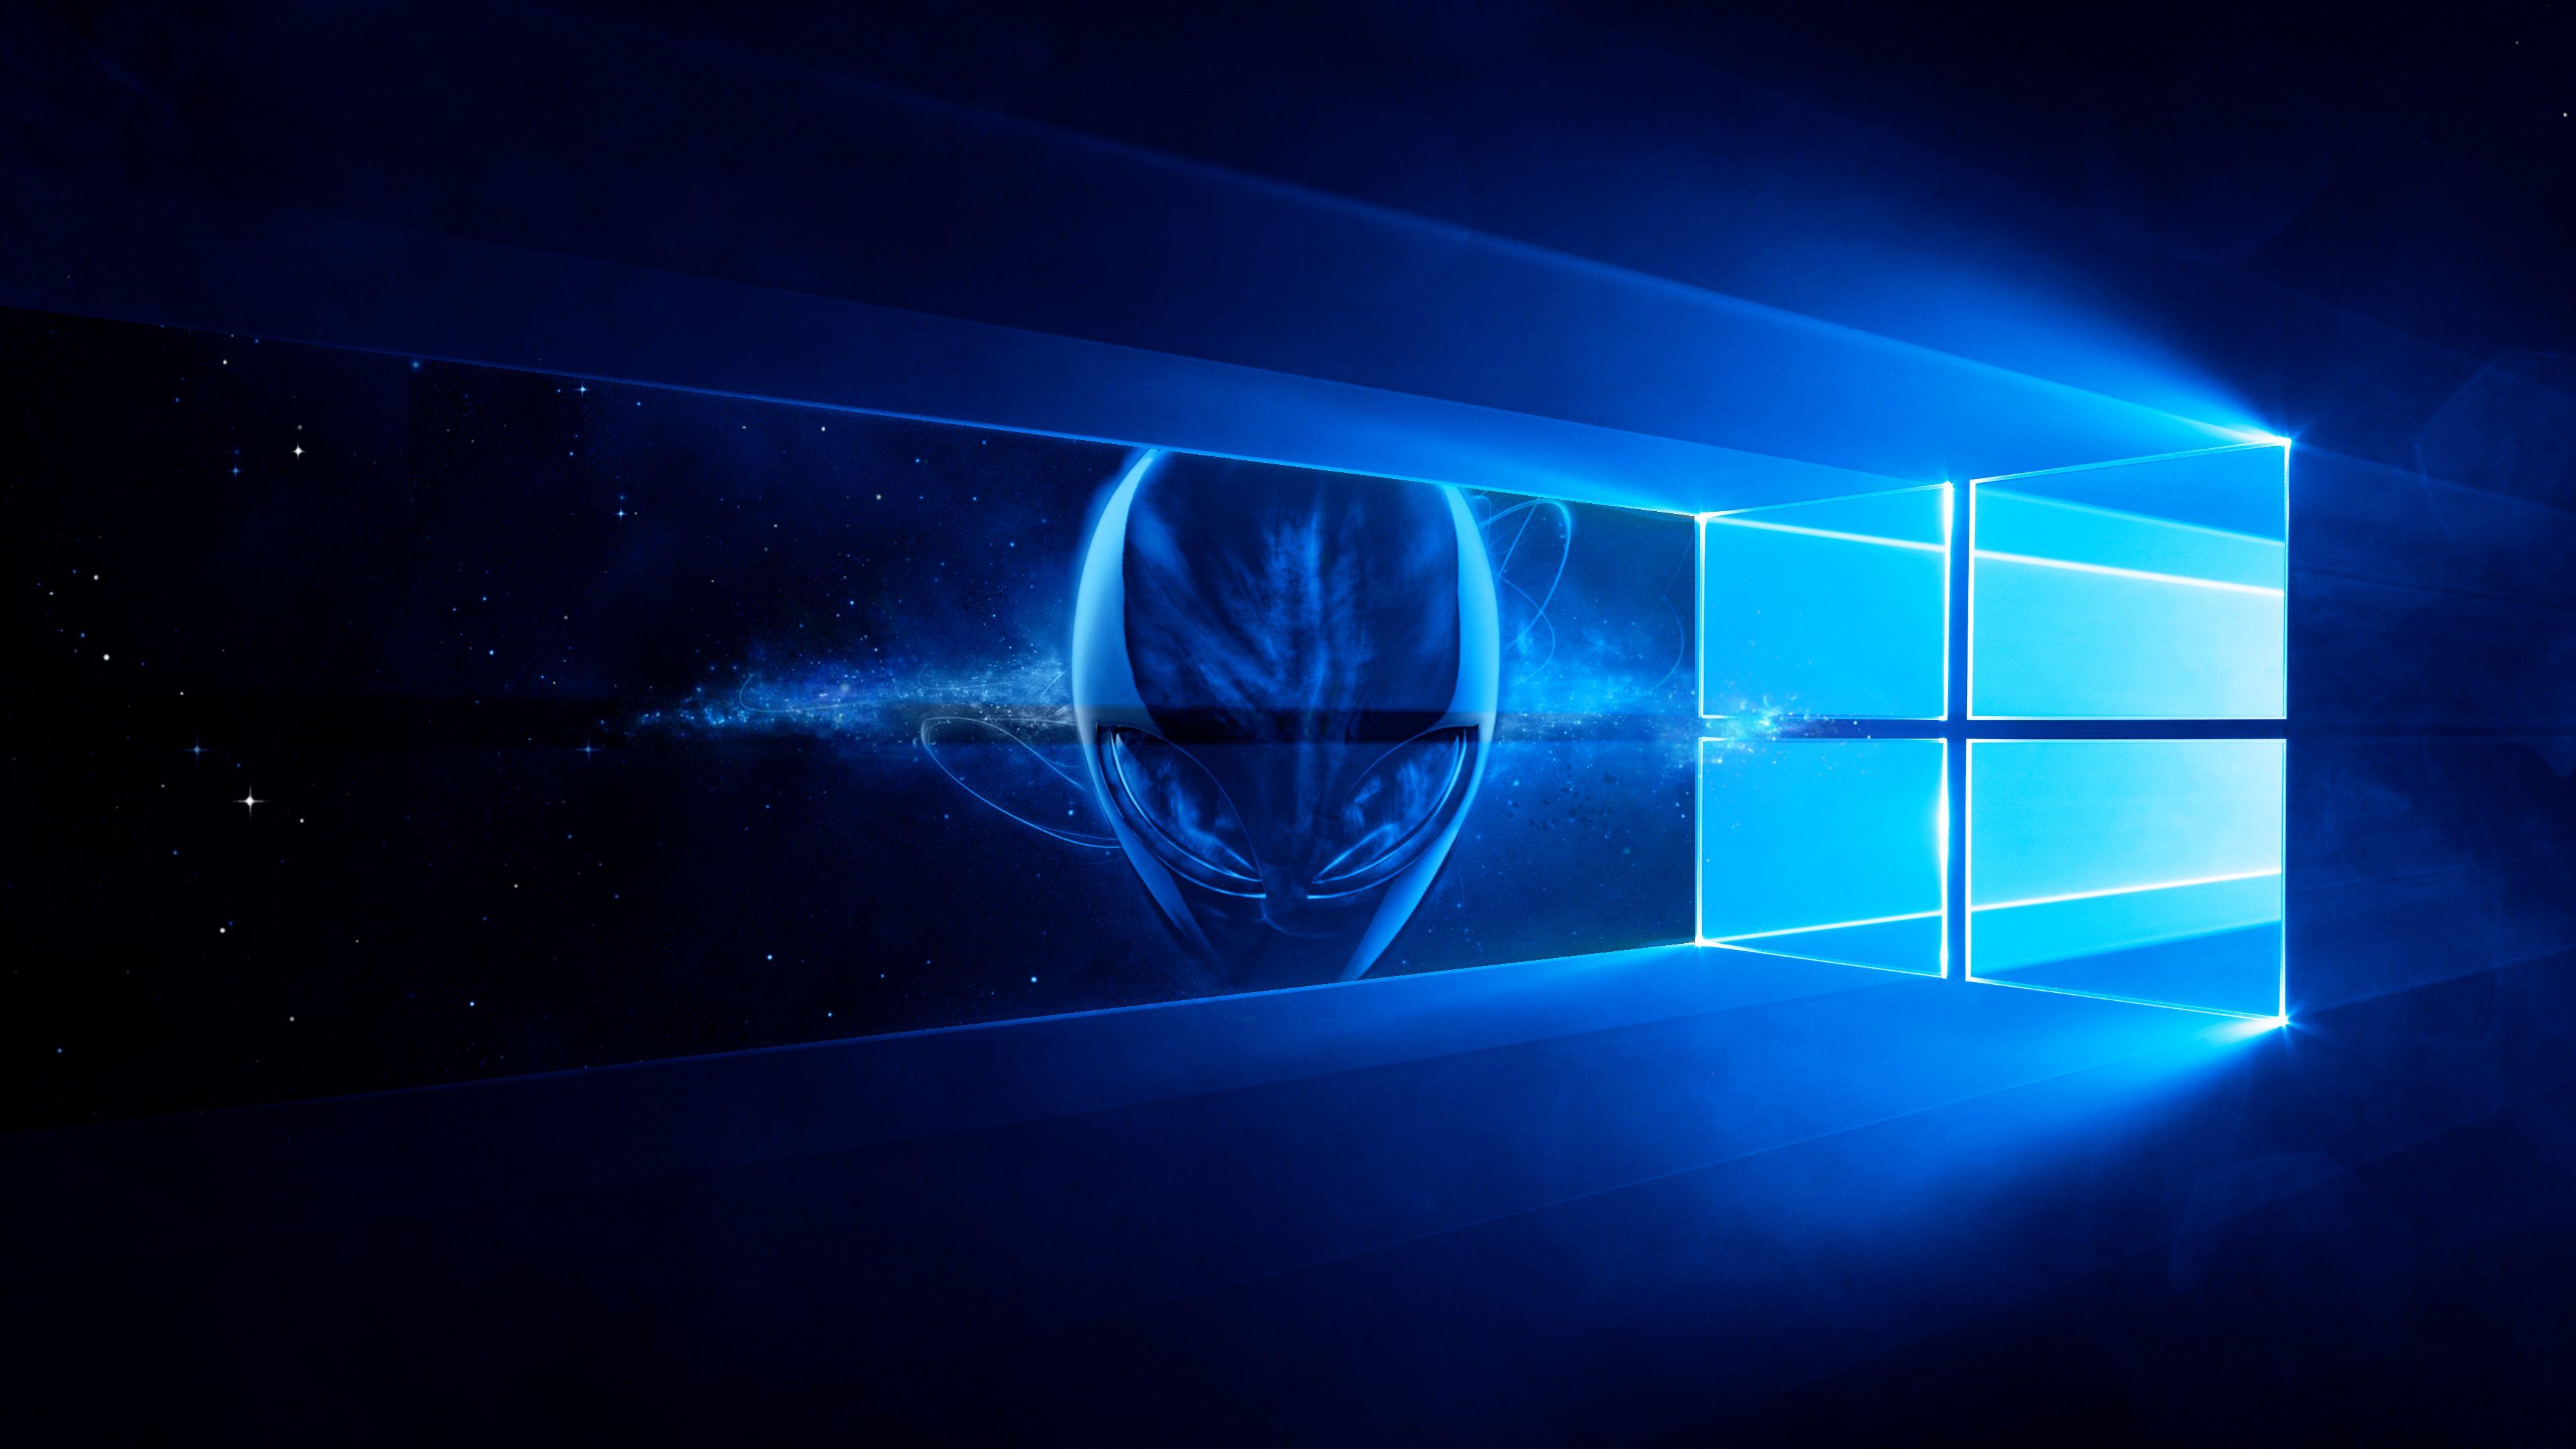 Alienware Windows 10 Wallpaper by Ecstrap on DeviantArt ...